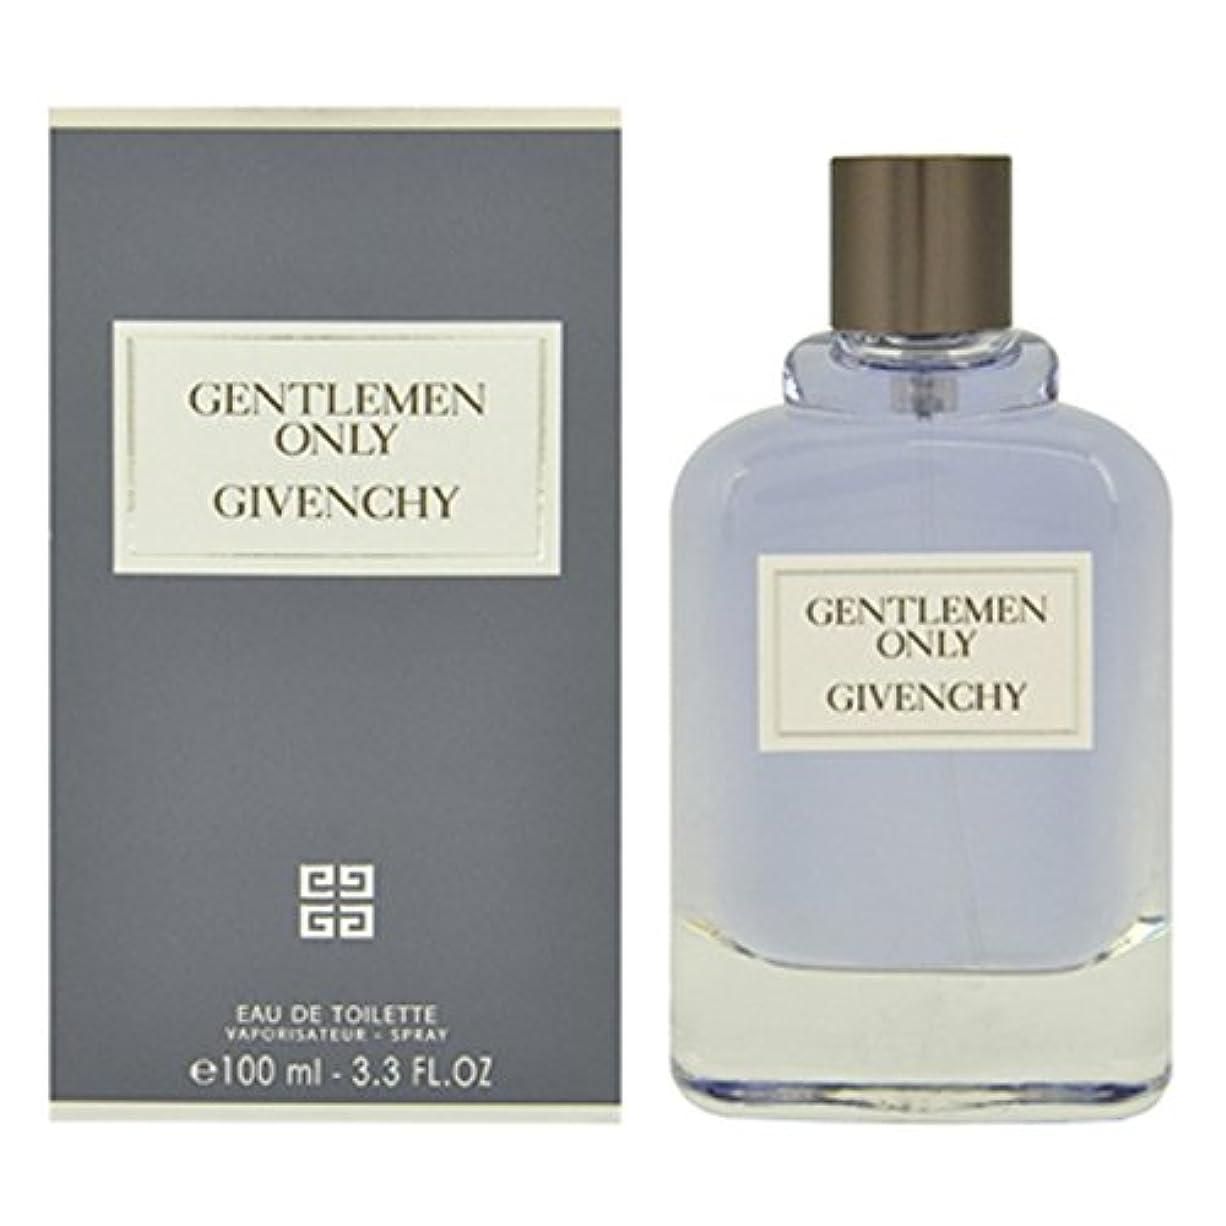 一貫したお風呂を持っている量でジバンシー 香水 ジェントルマン オンリー EDT 100mL フレグランス [並行輸入品]